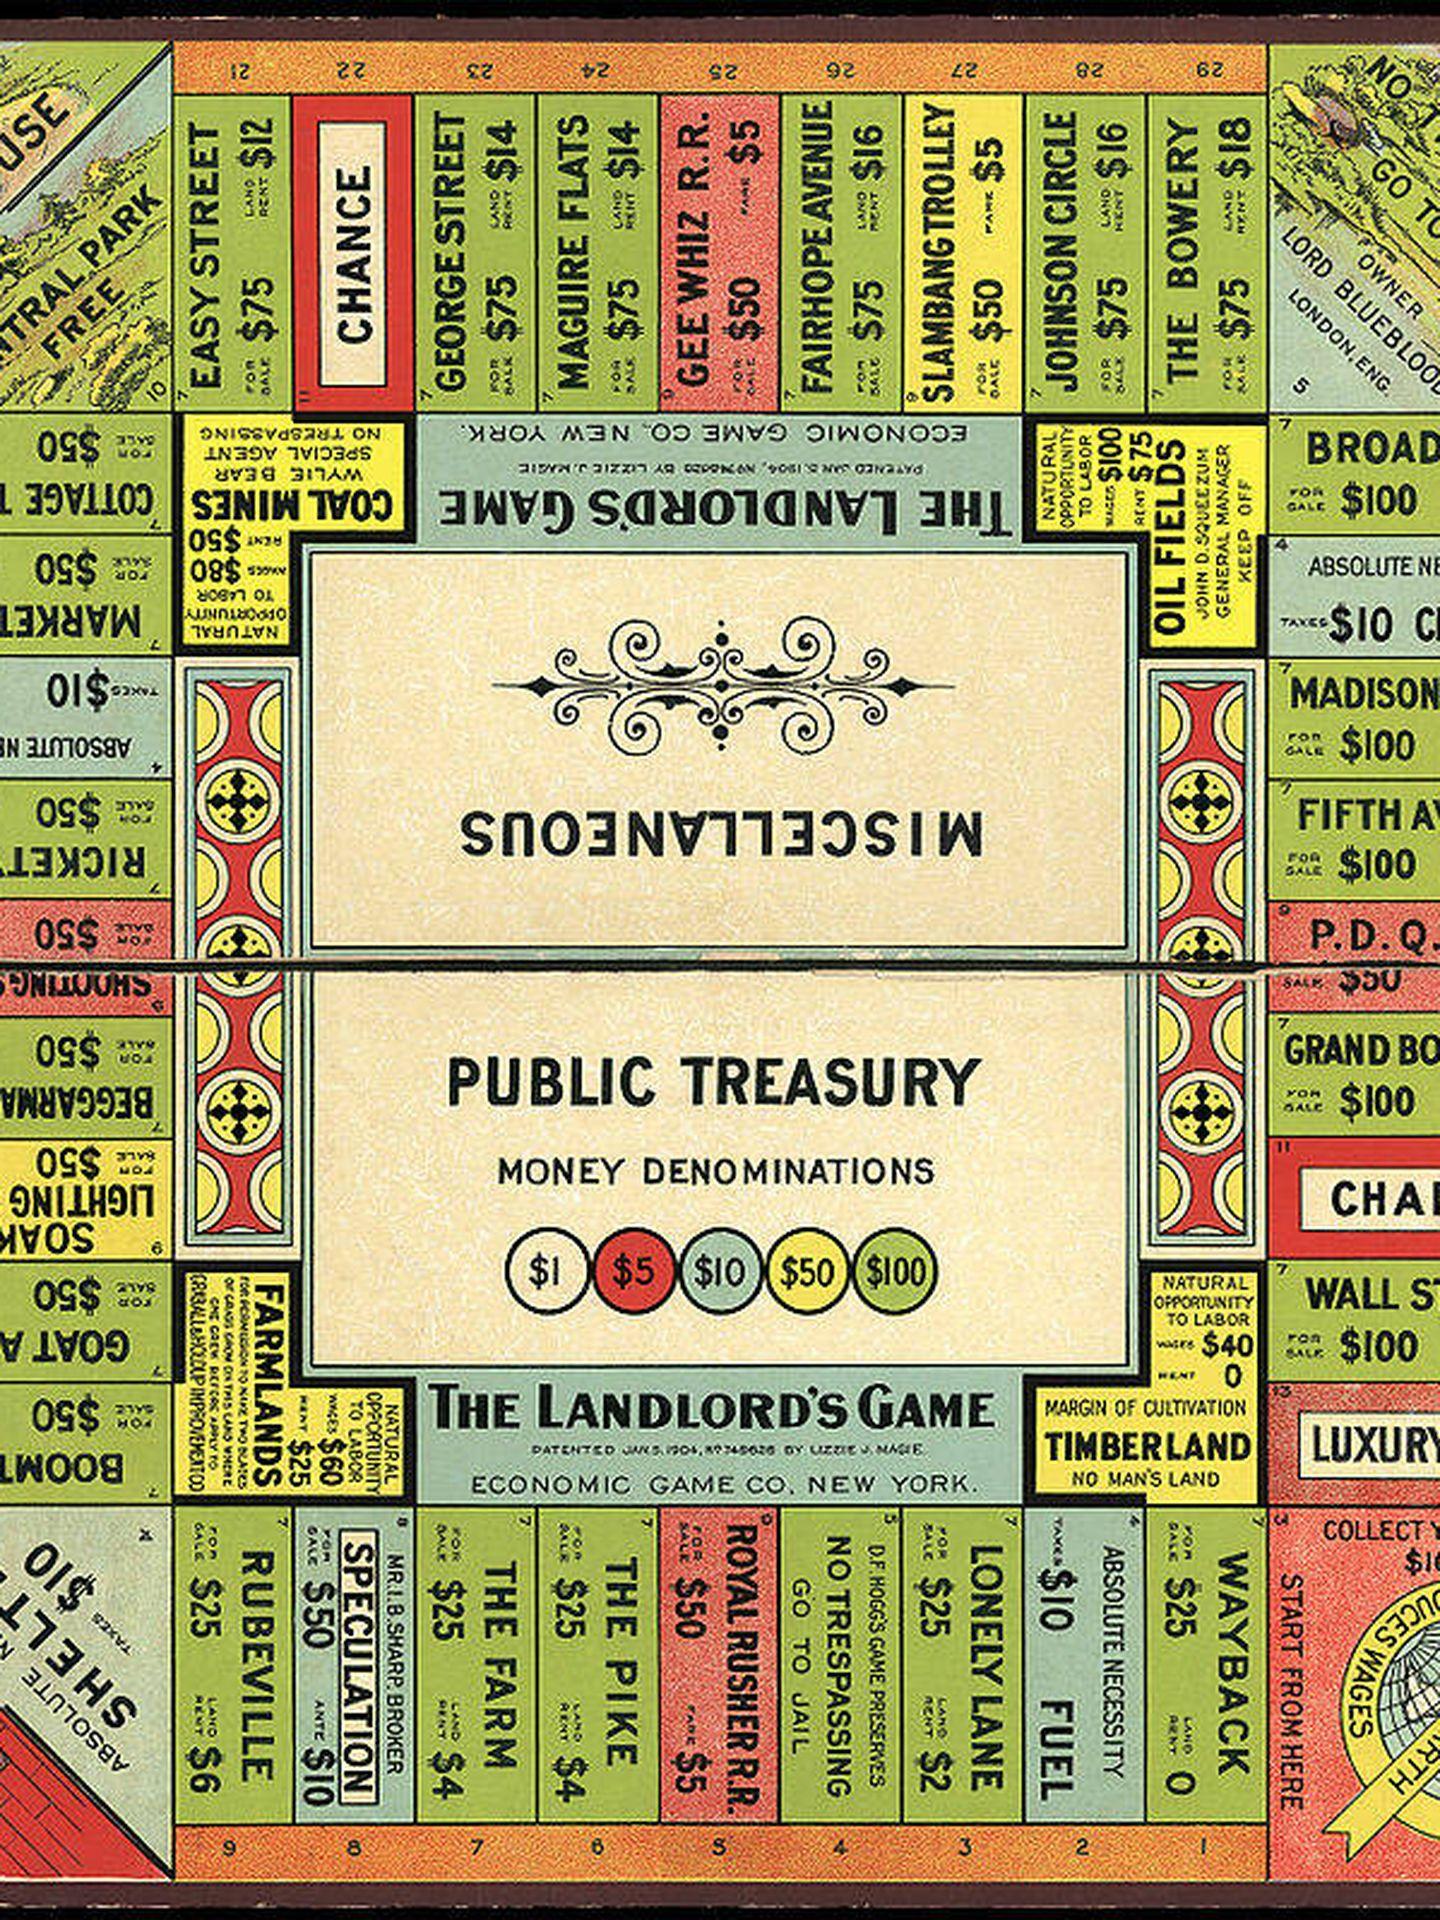 Tablero de 'The Landlord's Game', diseñado por Elizabeth Magie. (Dominio público)